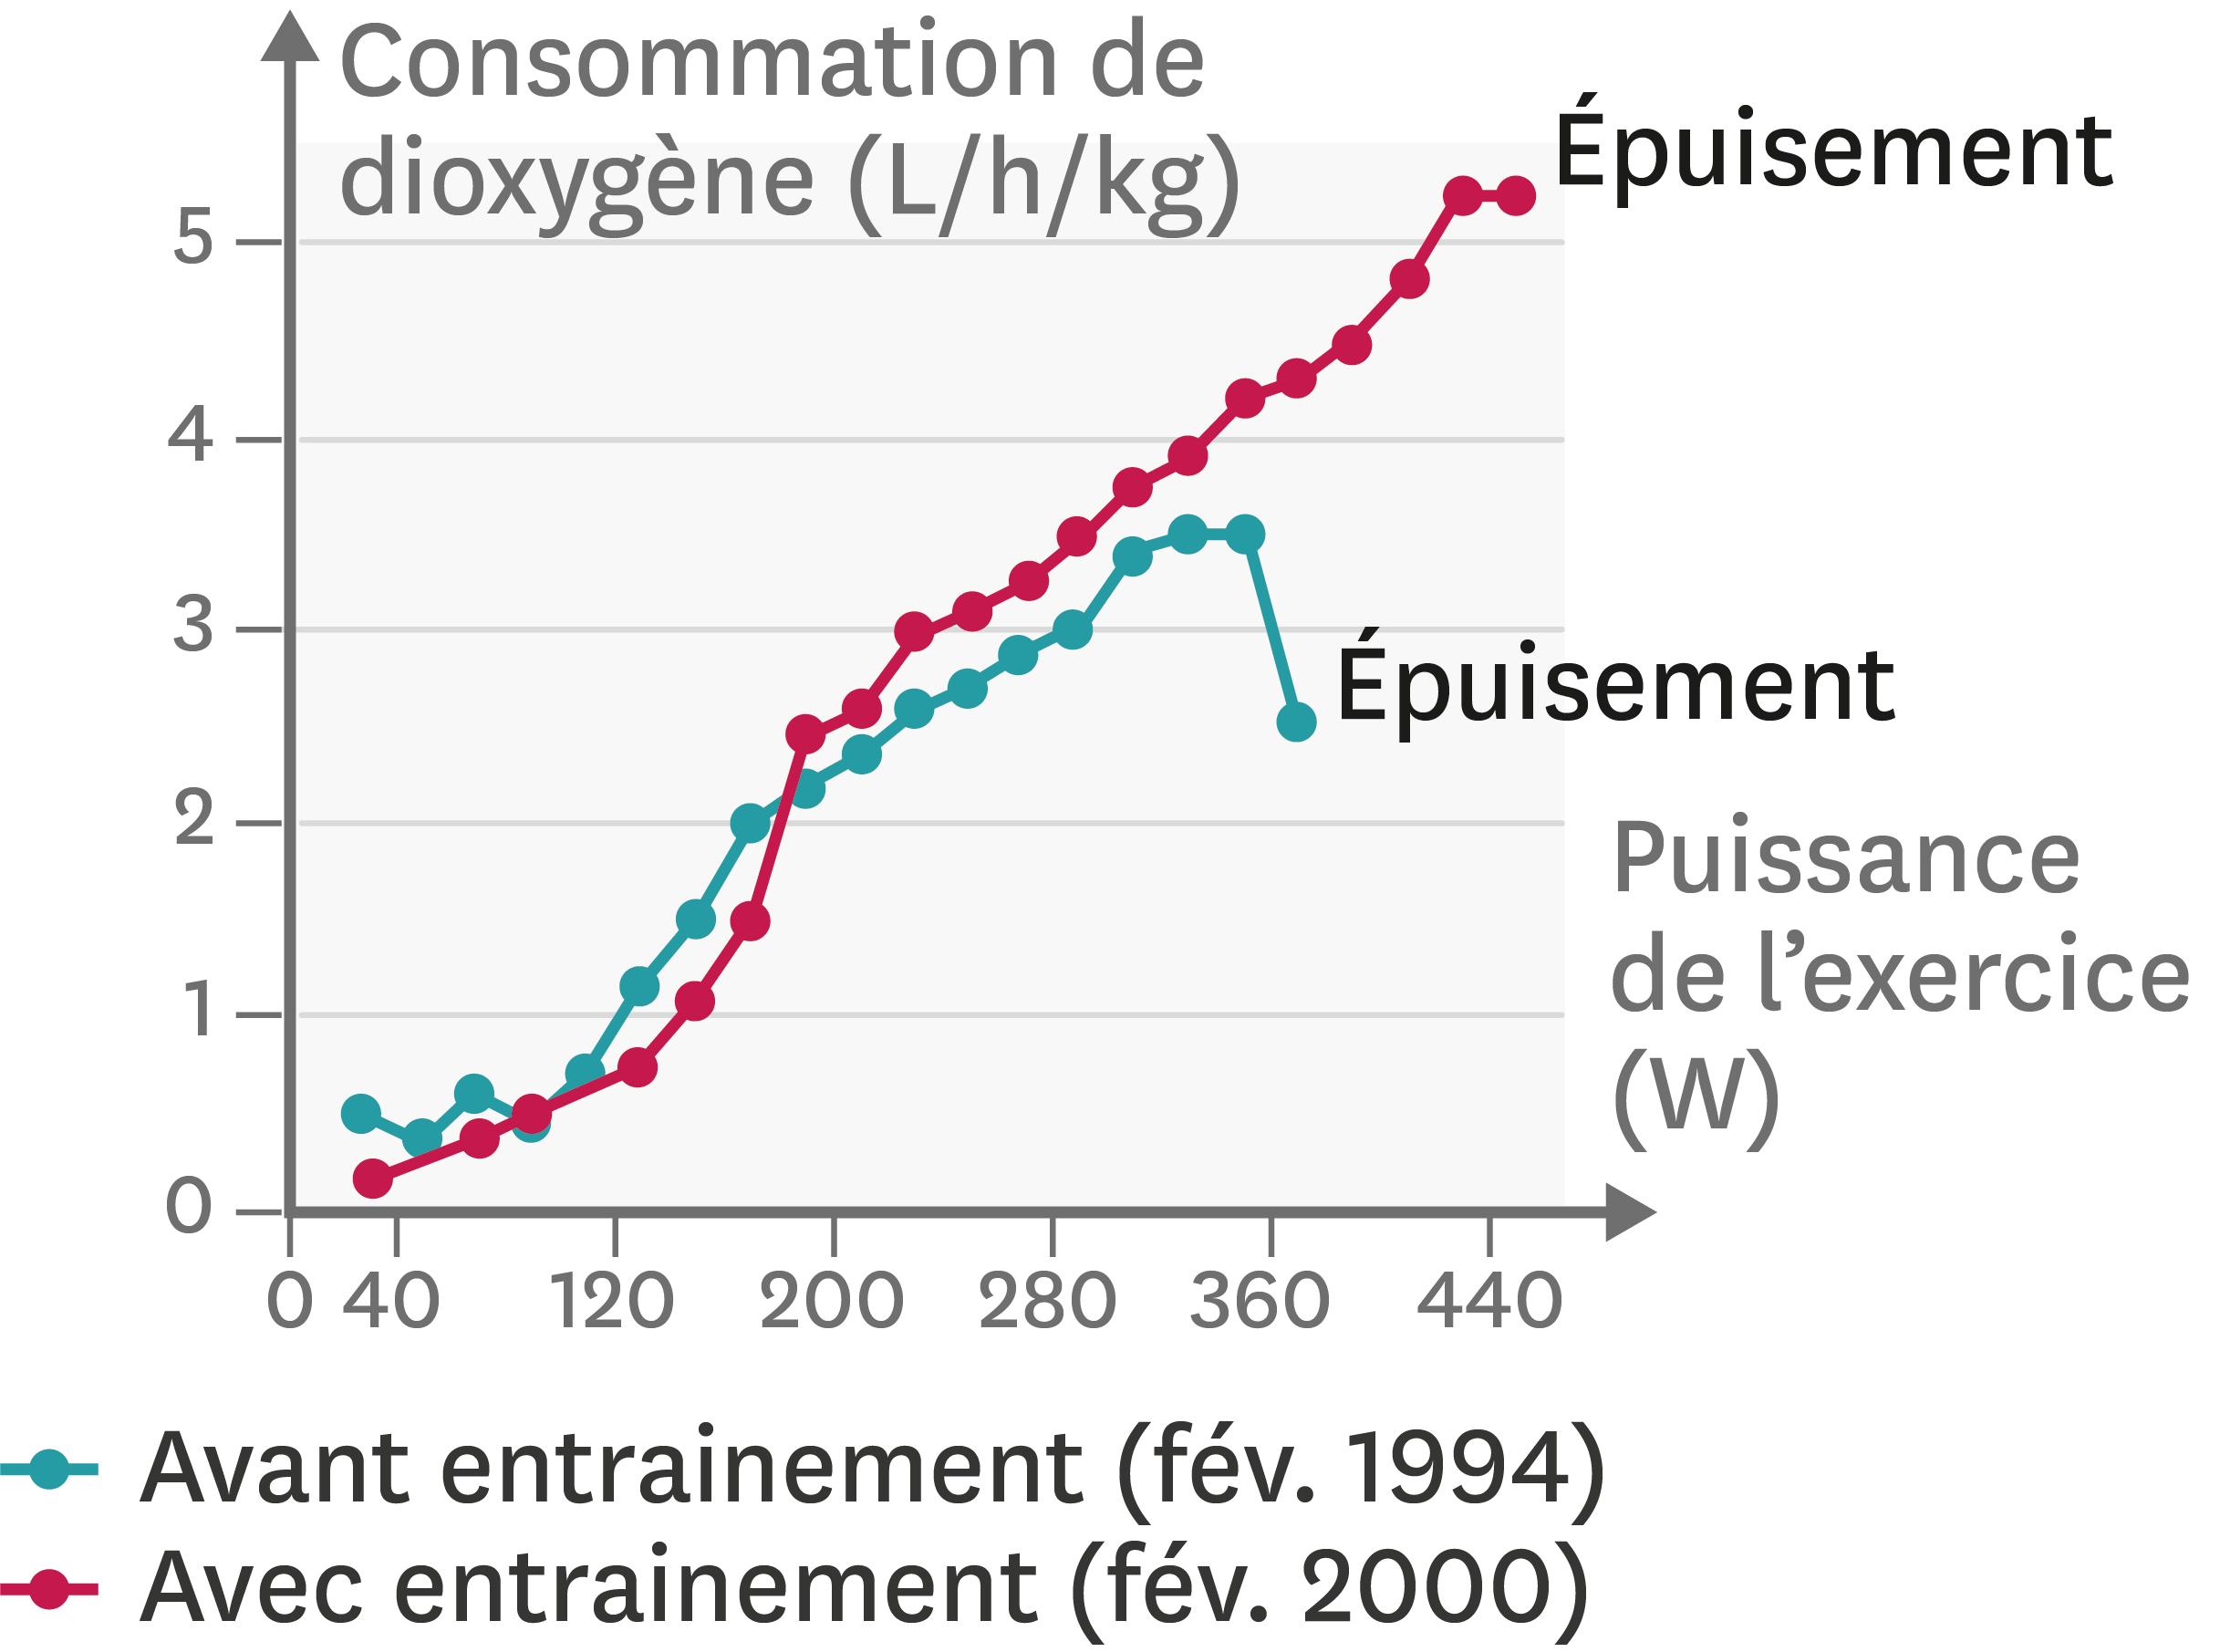 L'effet de six années d'entrainement sur la consommation de dioxygène d'un individu.